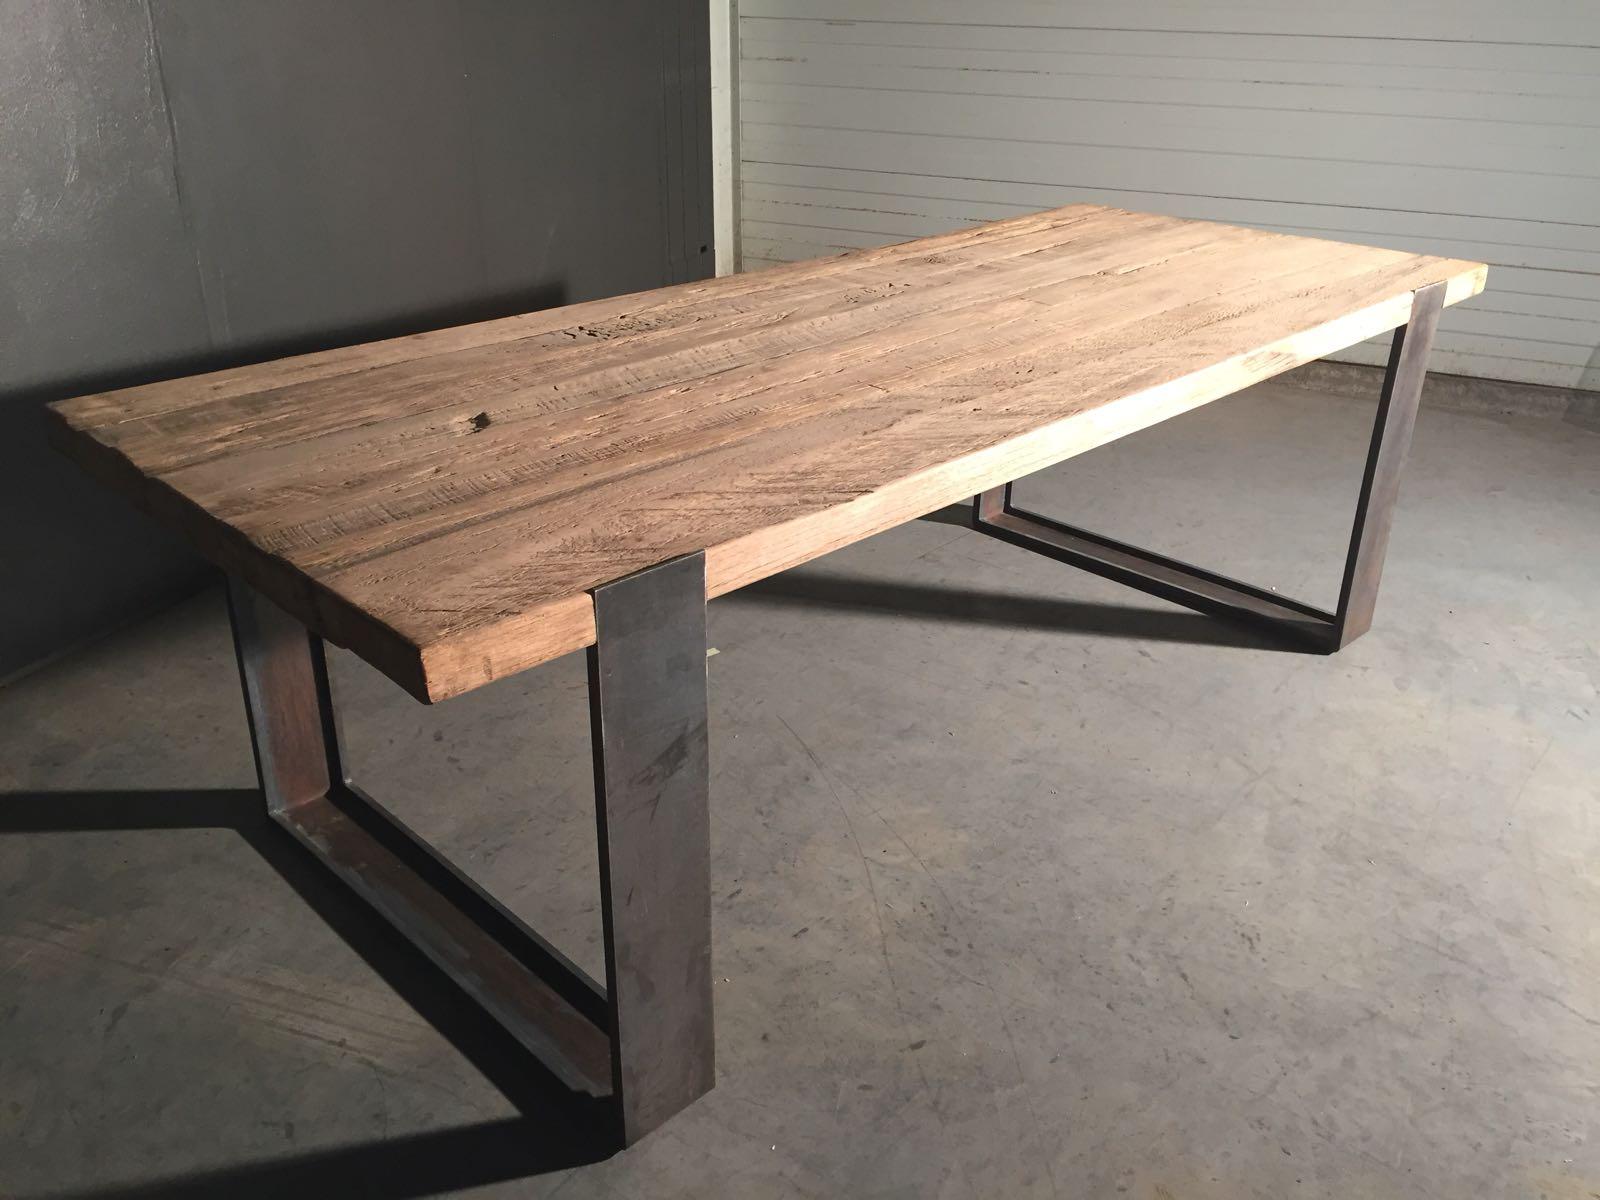 Eettafel oud hout vind je bij hedi meubelen in heeswijk dinther